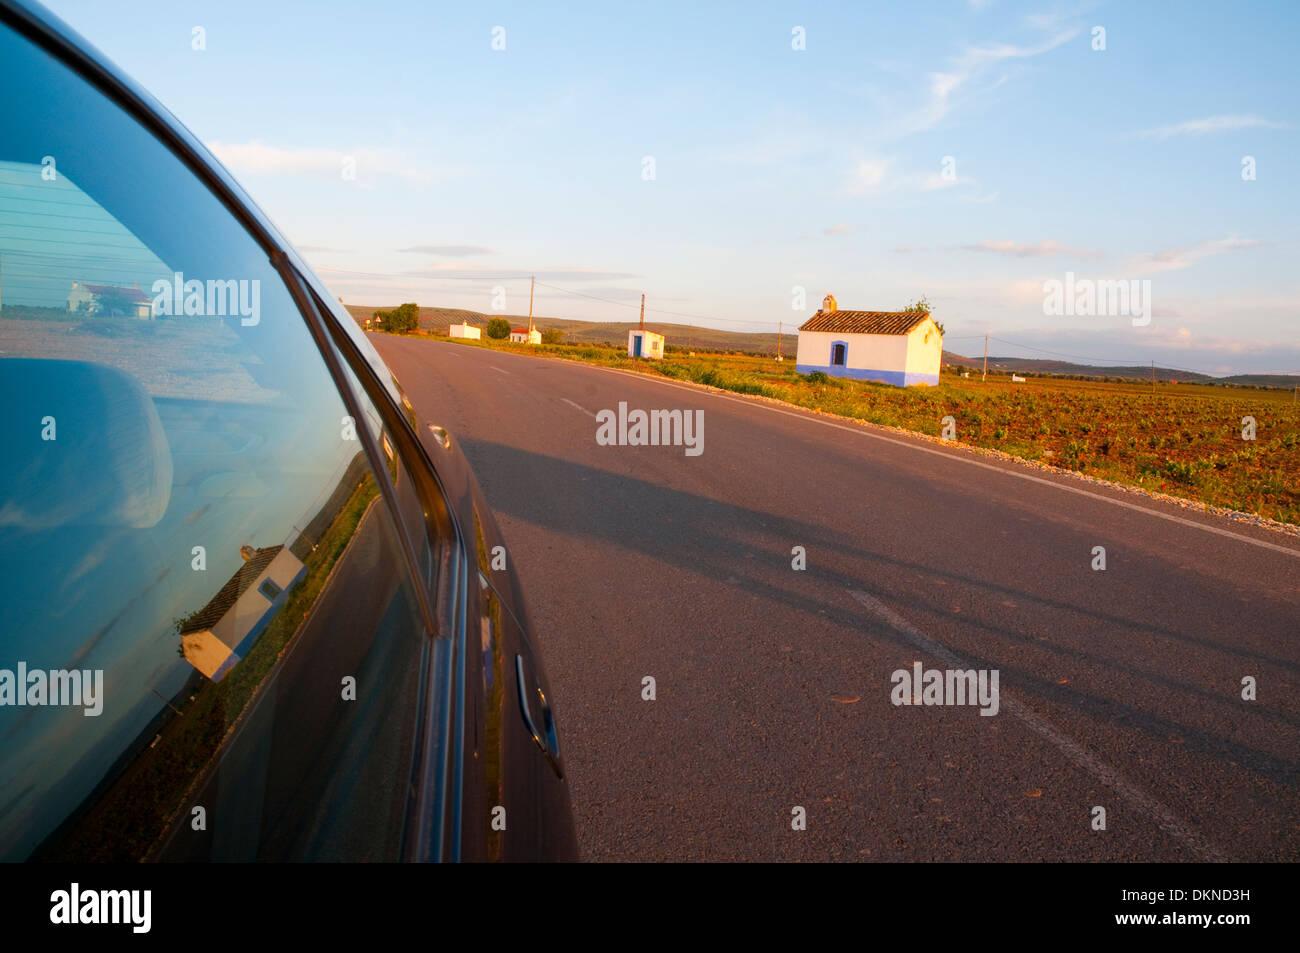 Paisaje típico de La Mancha reflejada en la ventanilla. La provincia de Ciudad Real, Castilla La Mancha, España. Imagen De Stock